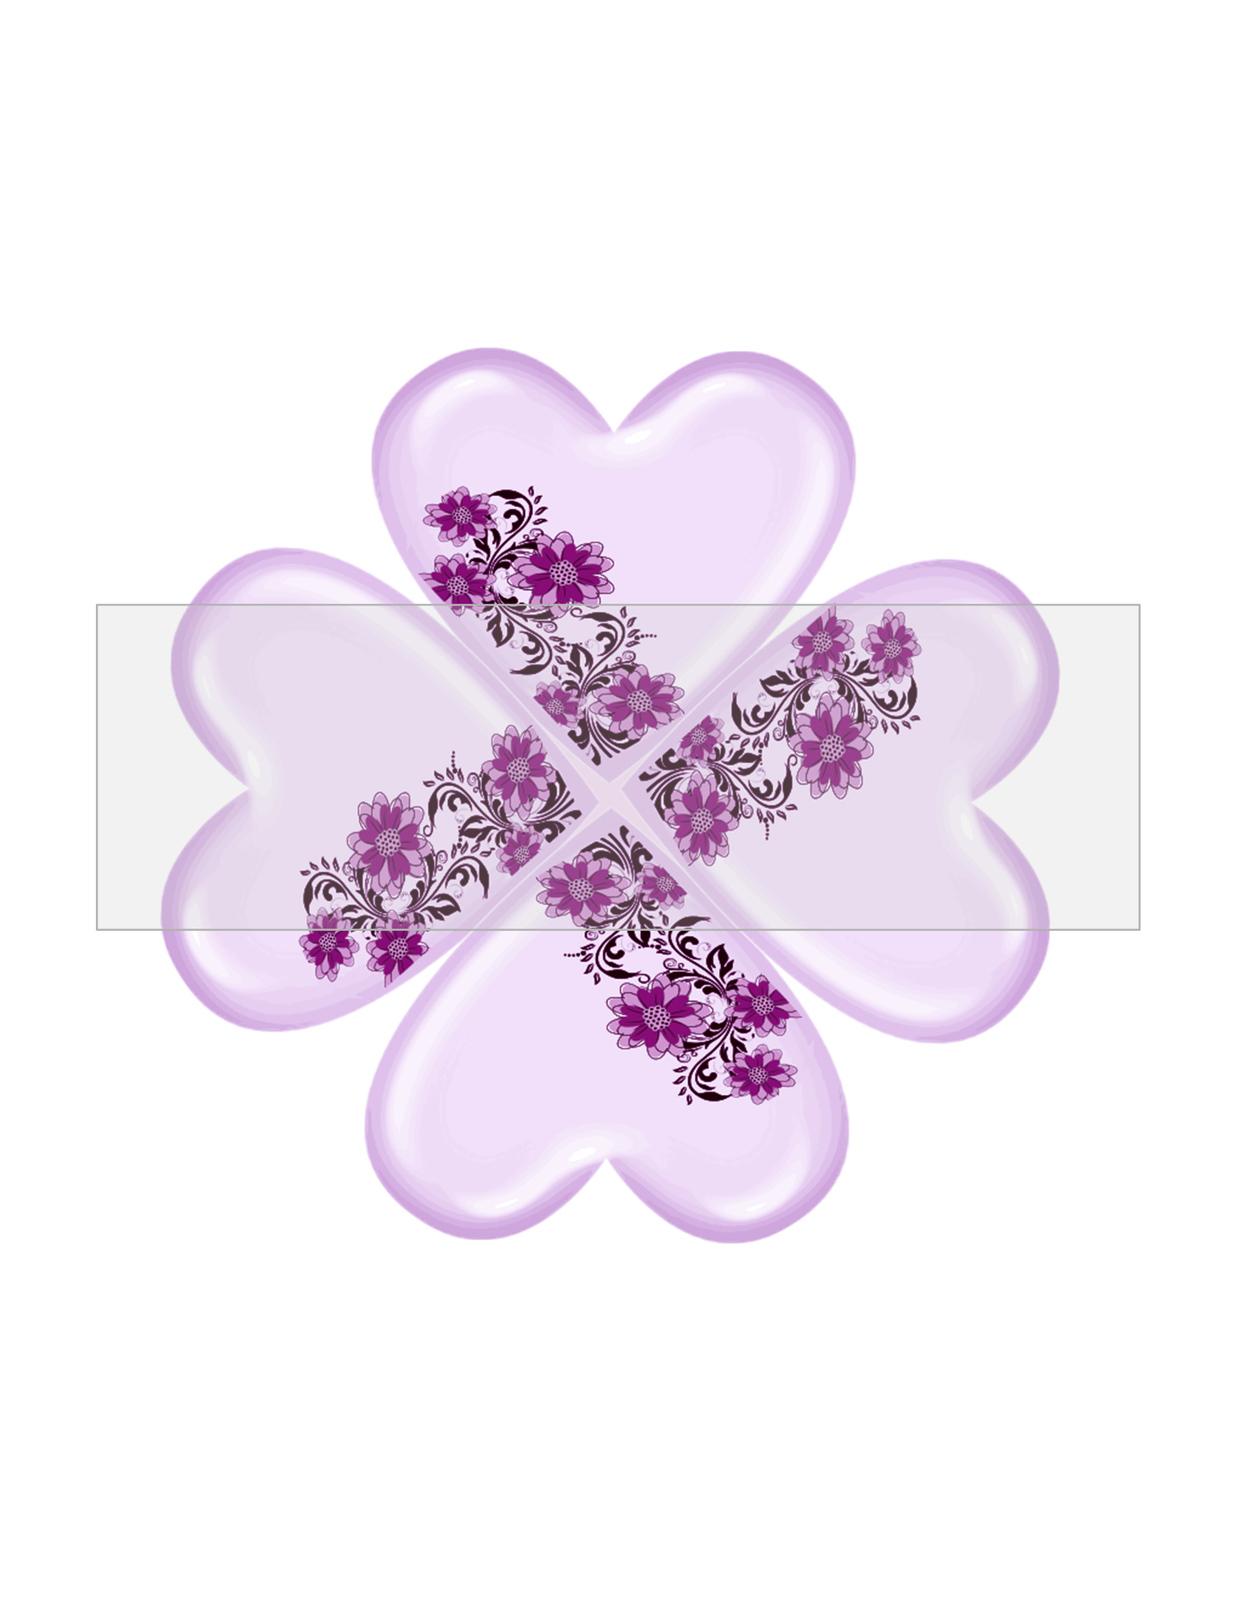 Clover heart flowers set1 009